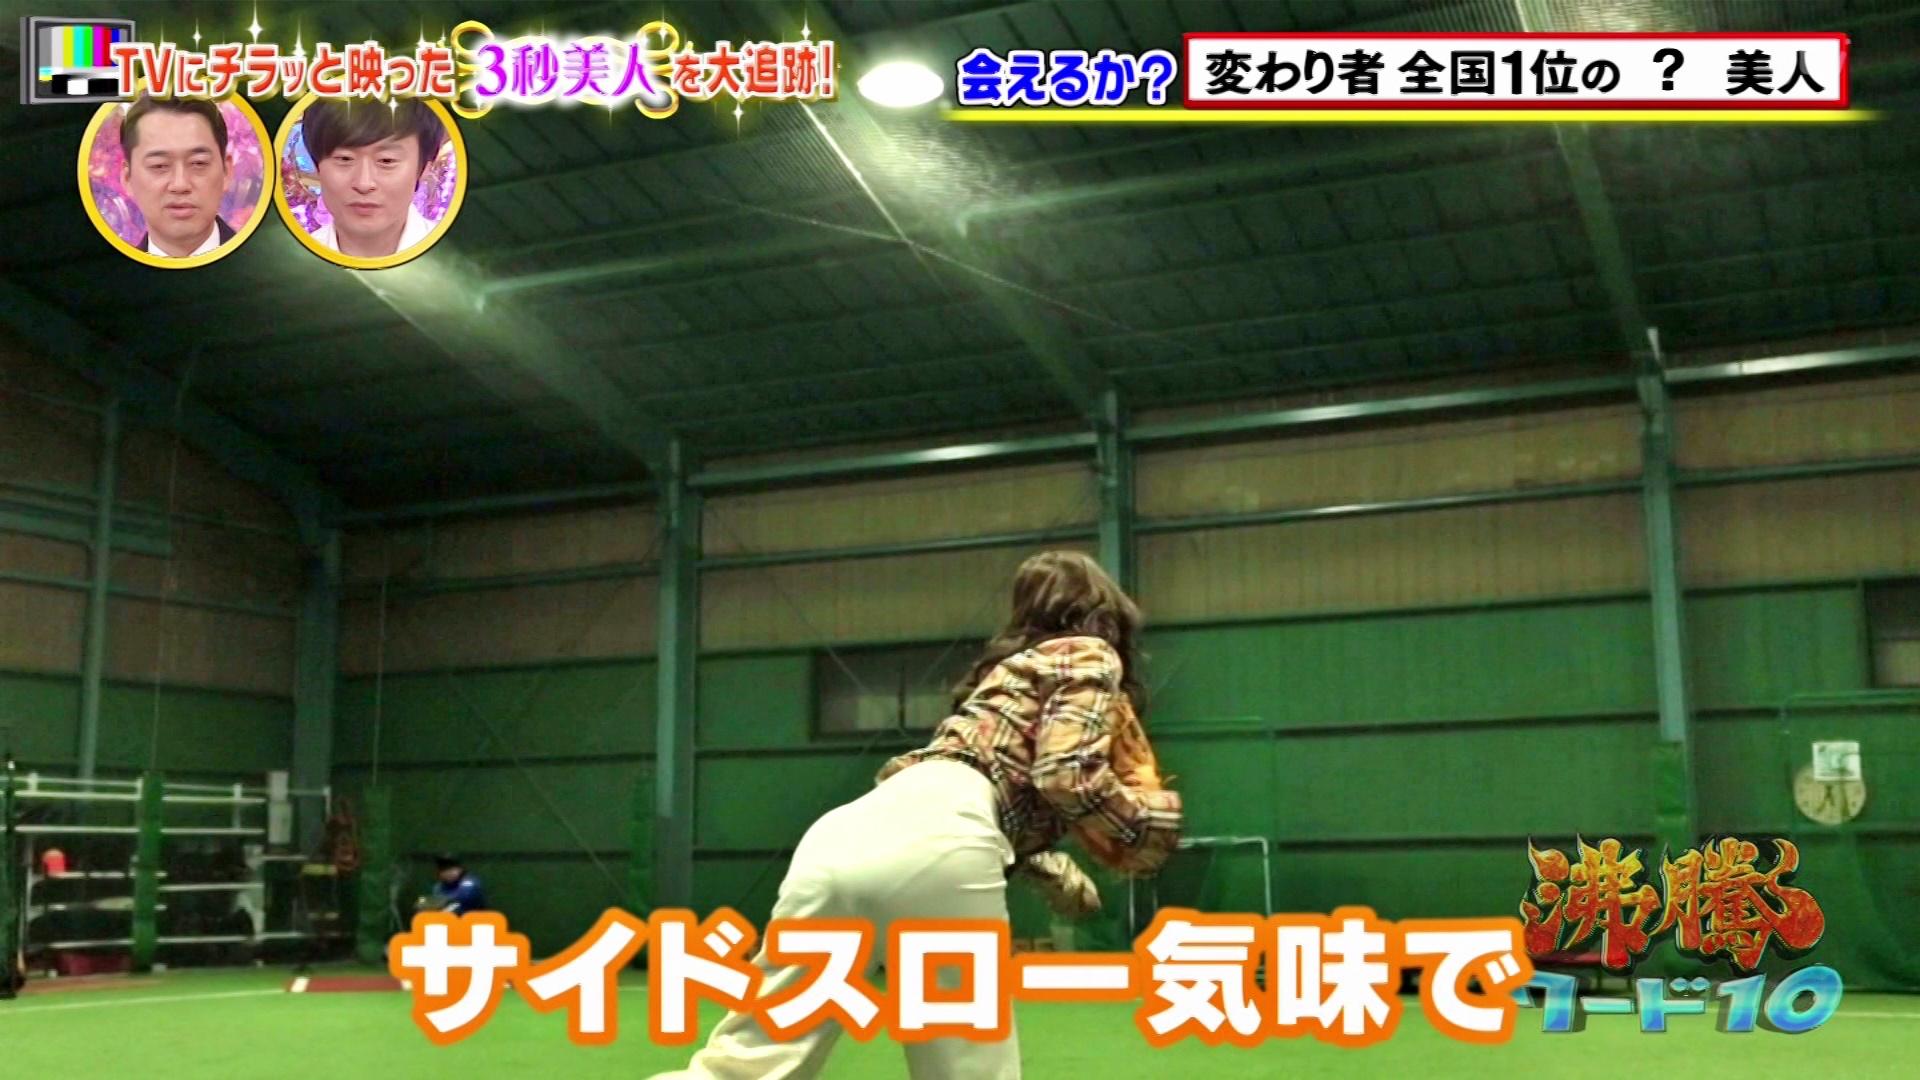 2020年1月24日に放送された「沸騰ワード10」に出演した笹川萌さんのテレビキャプチャー画像-074